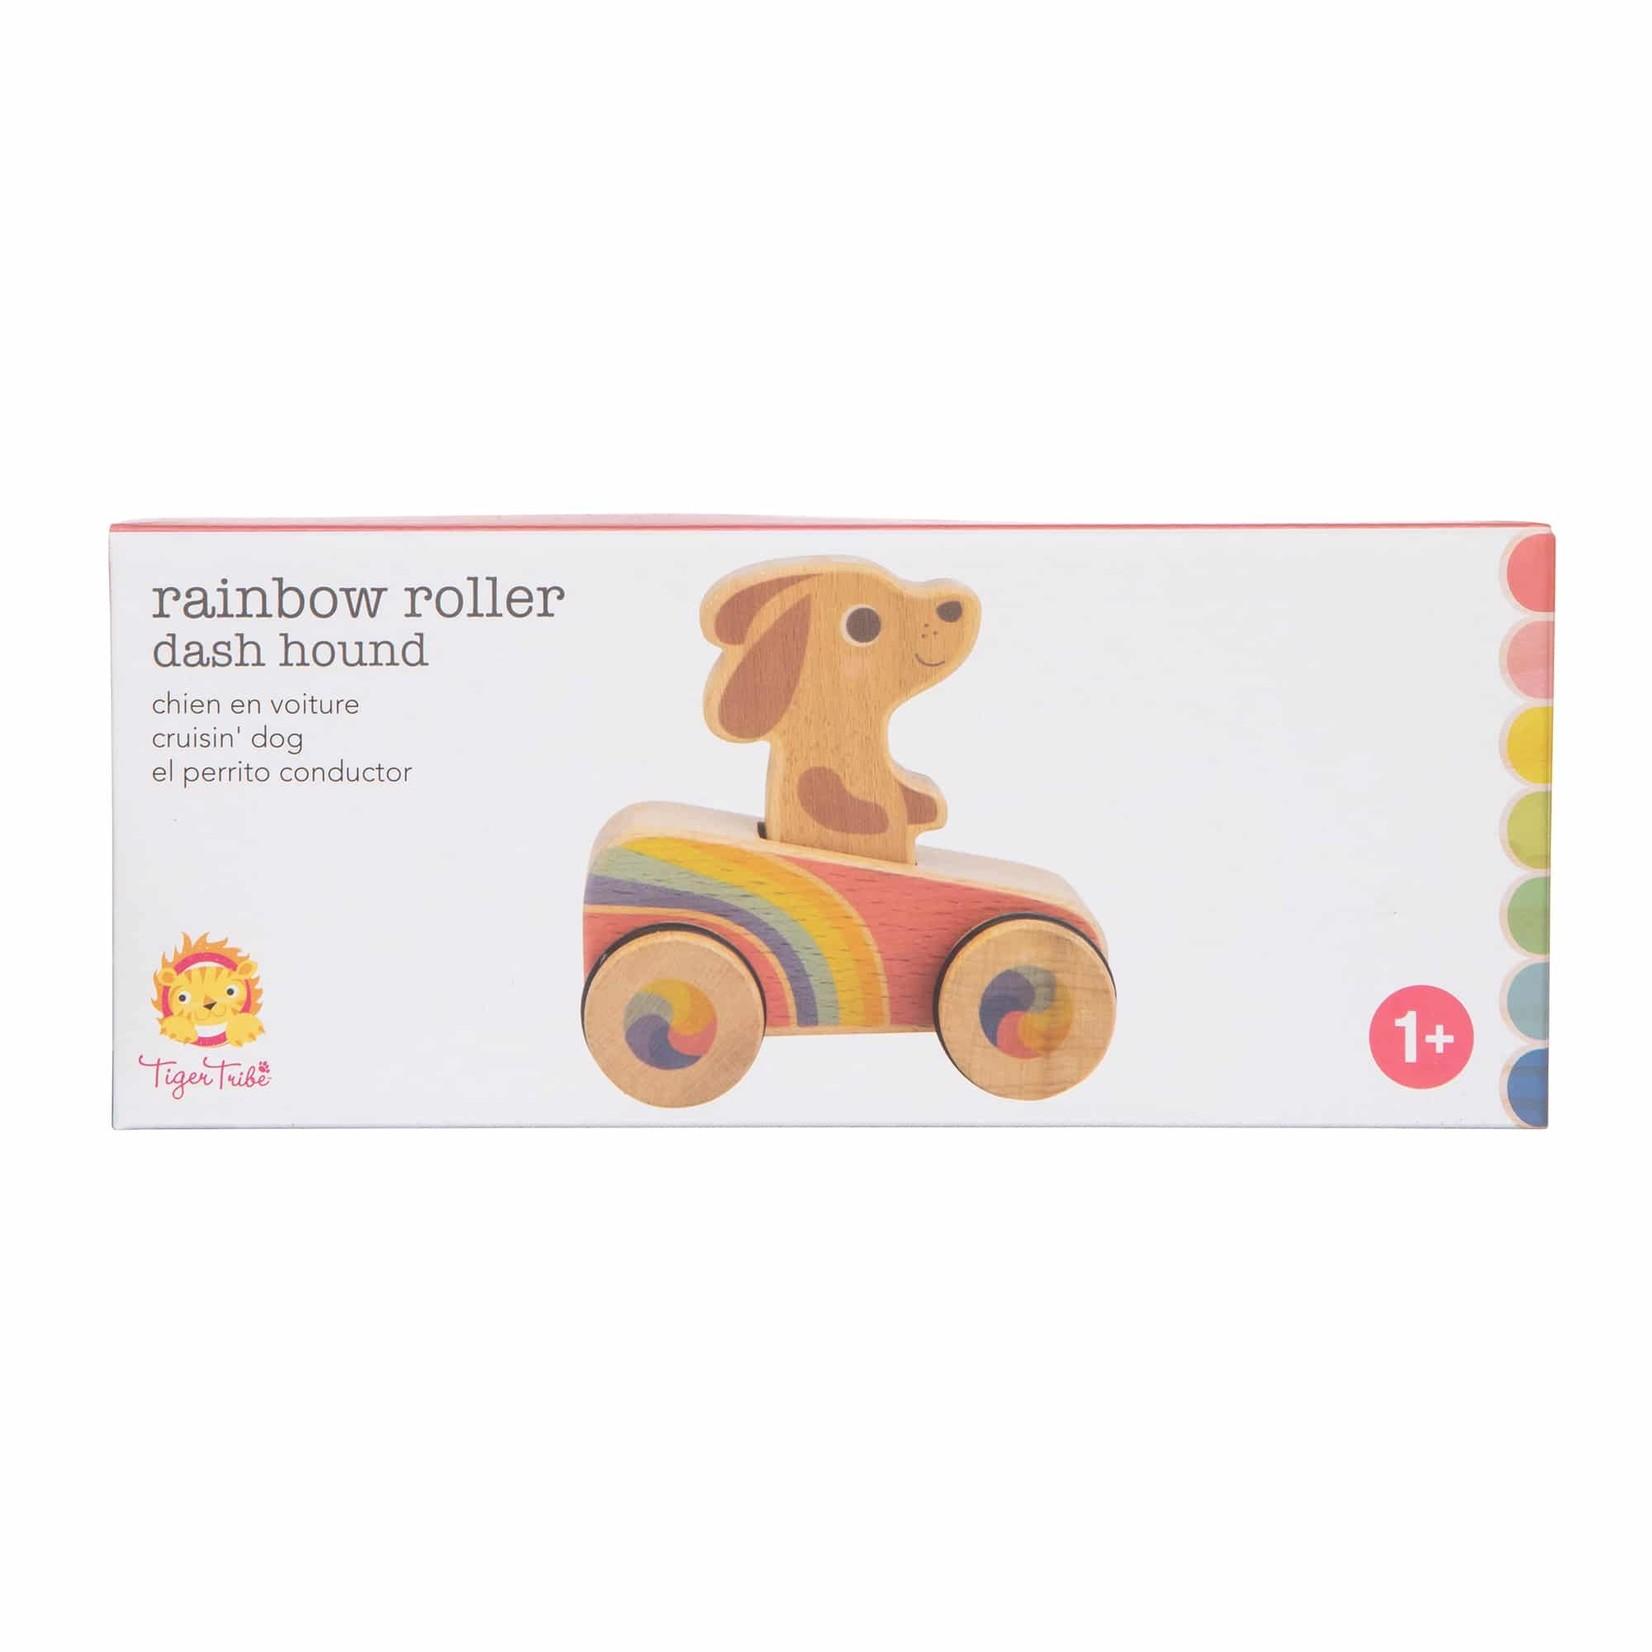 Dash Hound Rainbow Roller